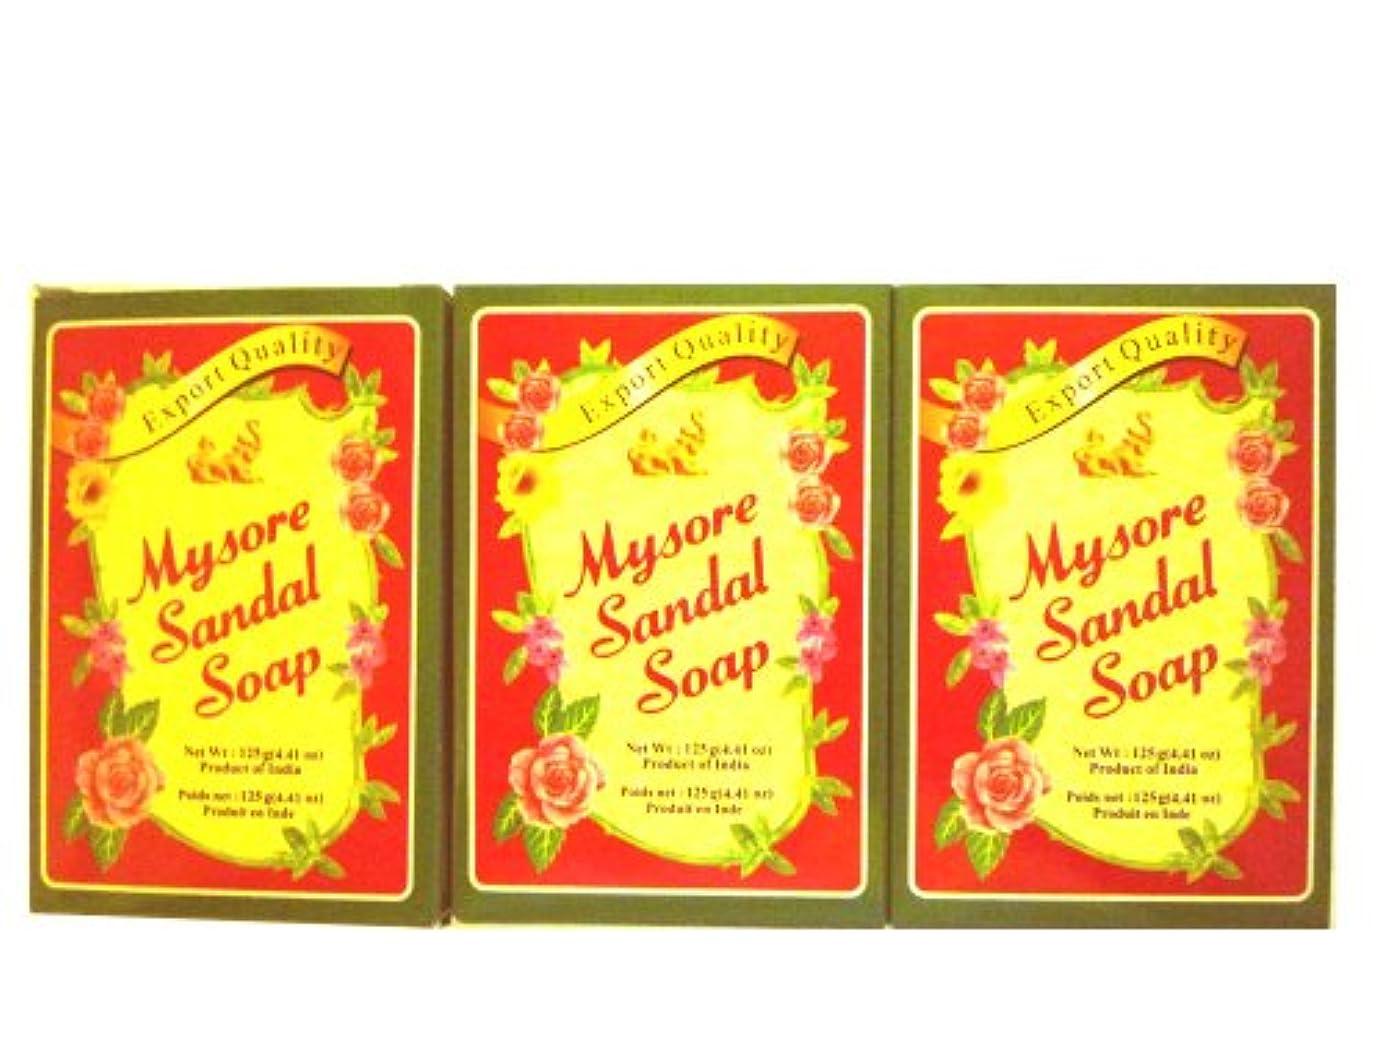 セラー理容師レクリエーション高純度白檀油配合 マイソール サンダルソープ 75g 3個セット